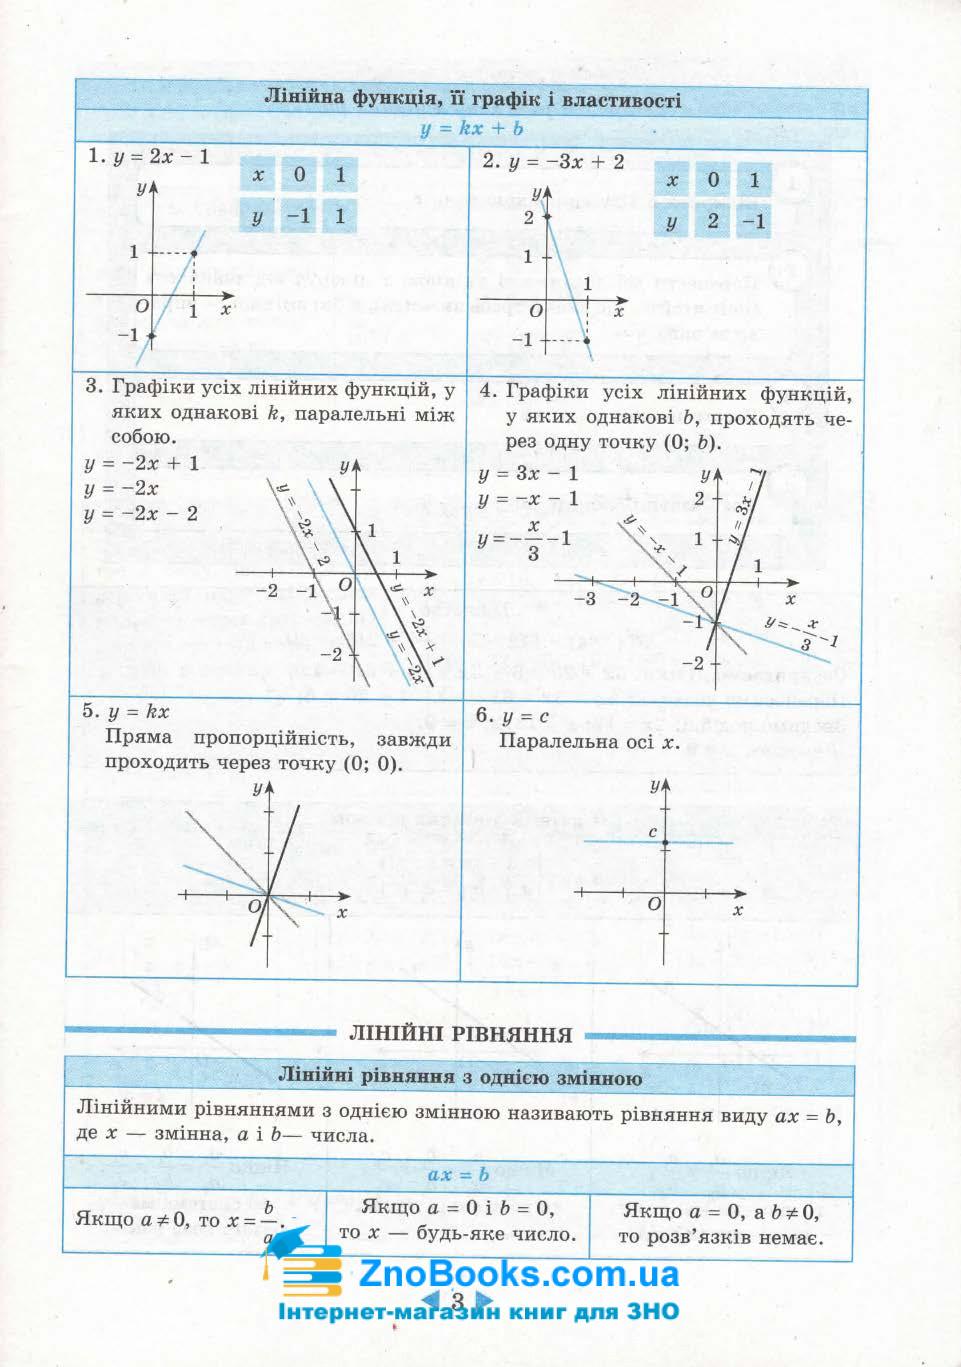 Довідник 7-11 клас з алгебри та геометрії. Підготовка до ЗНО та ДПА. Гальперіна А. Весна 4